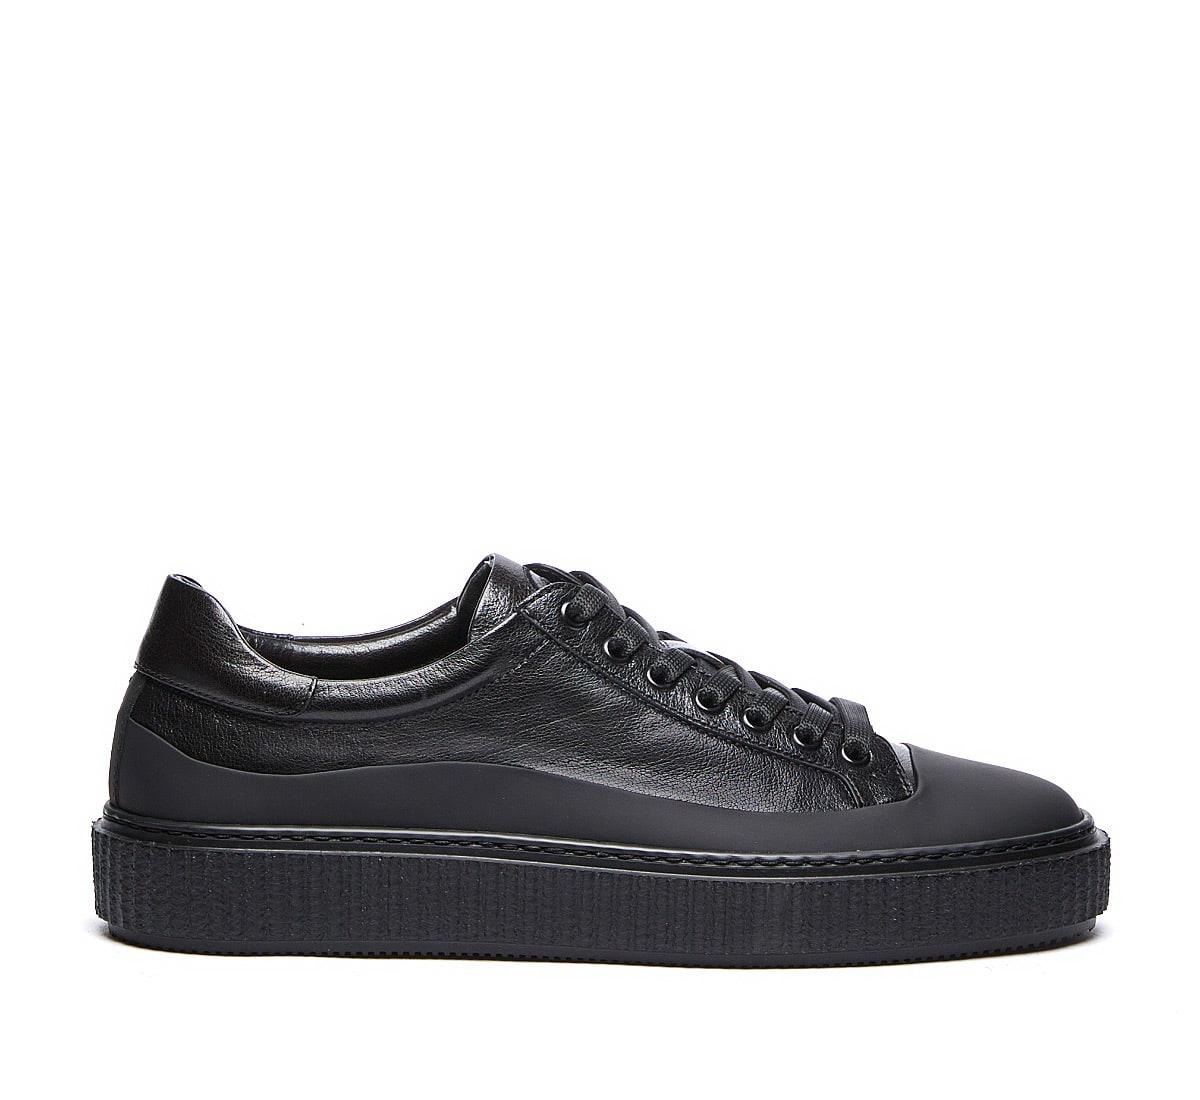 Barracuda Sneaker In Nero+nero